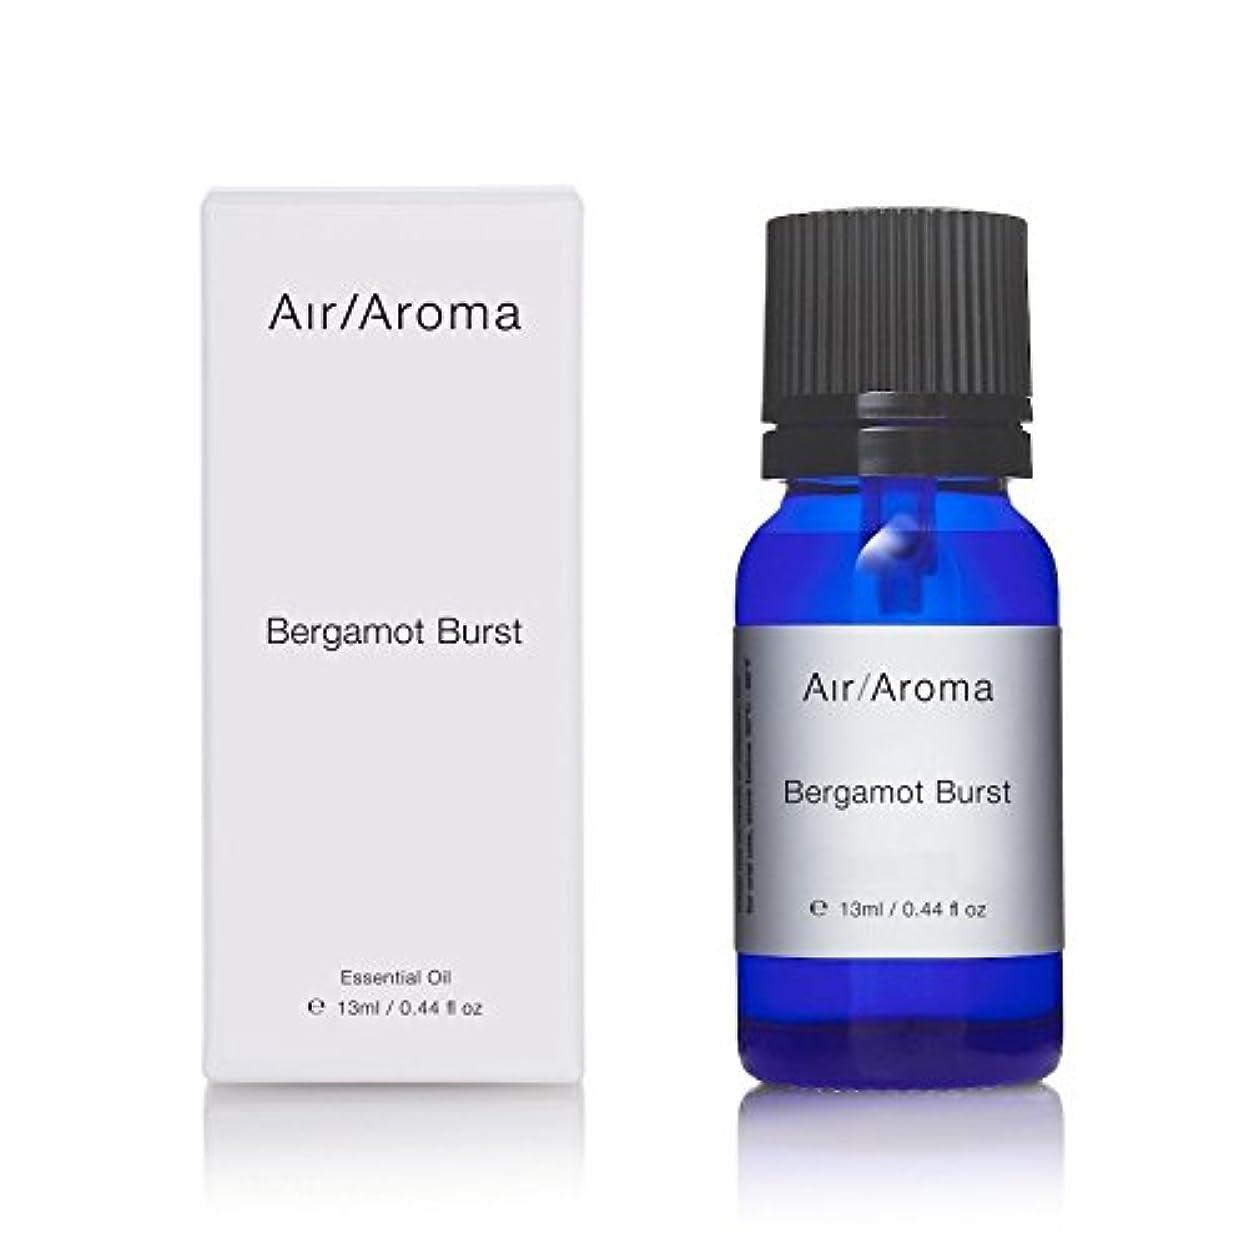 雇用者アナニバーロープエアアロマ bergamot burst (ベルガモットバースト) 13ml